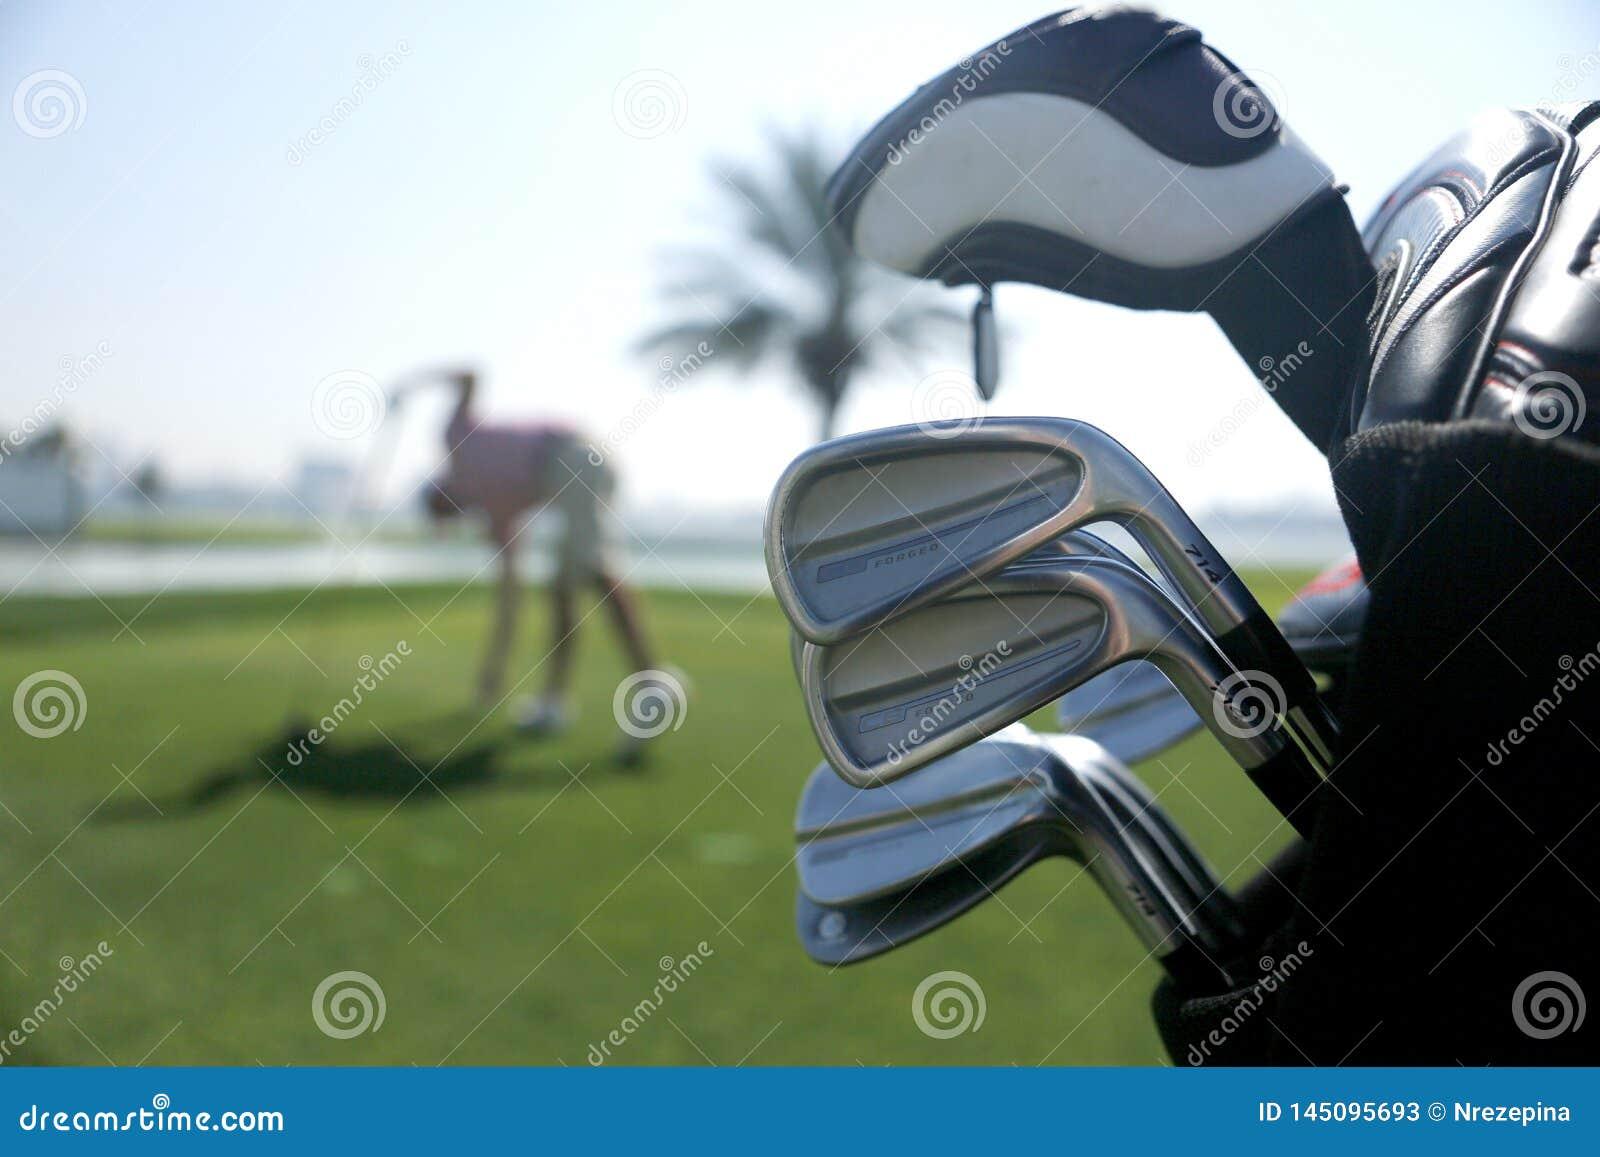 Saco de golfe com os clubes no plano e com o jogador antes do balanço no fundo